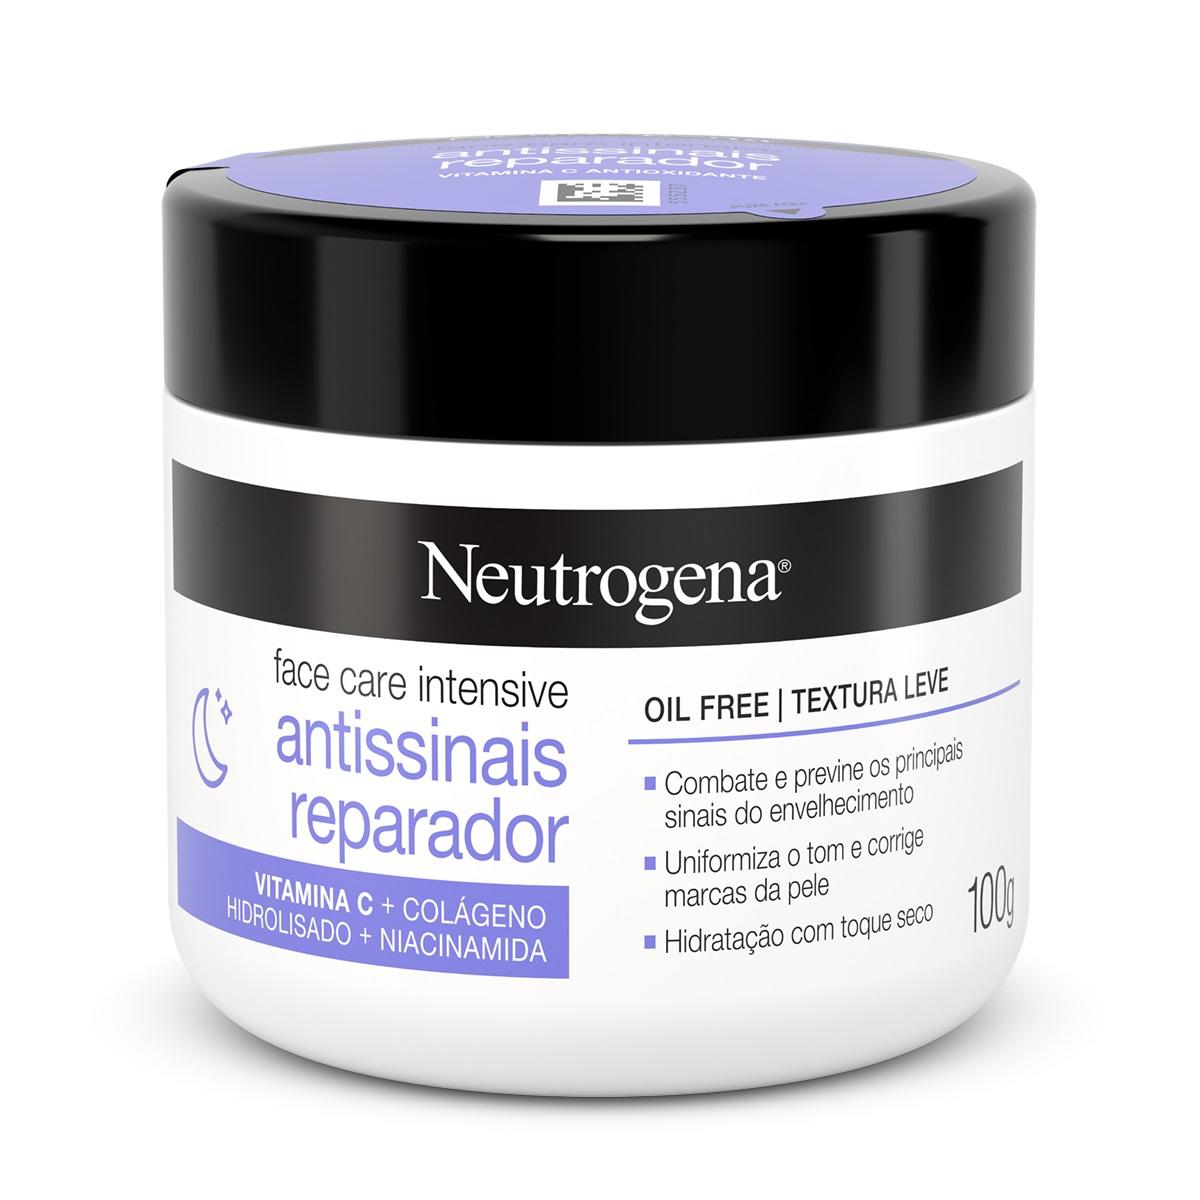 NEUTROGENA® Face Care Intensive Antissinais Reparador